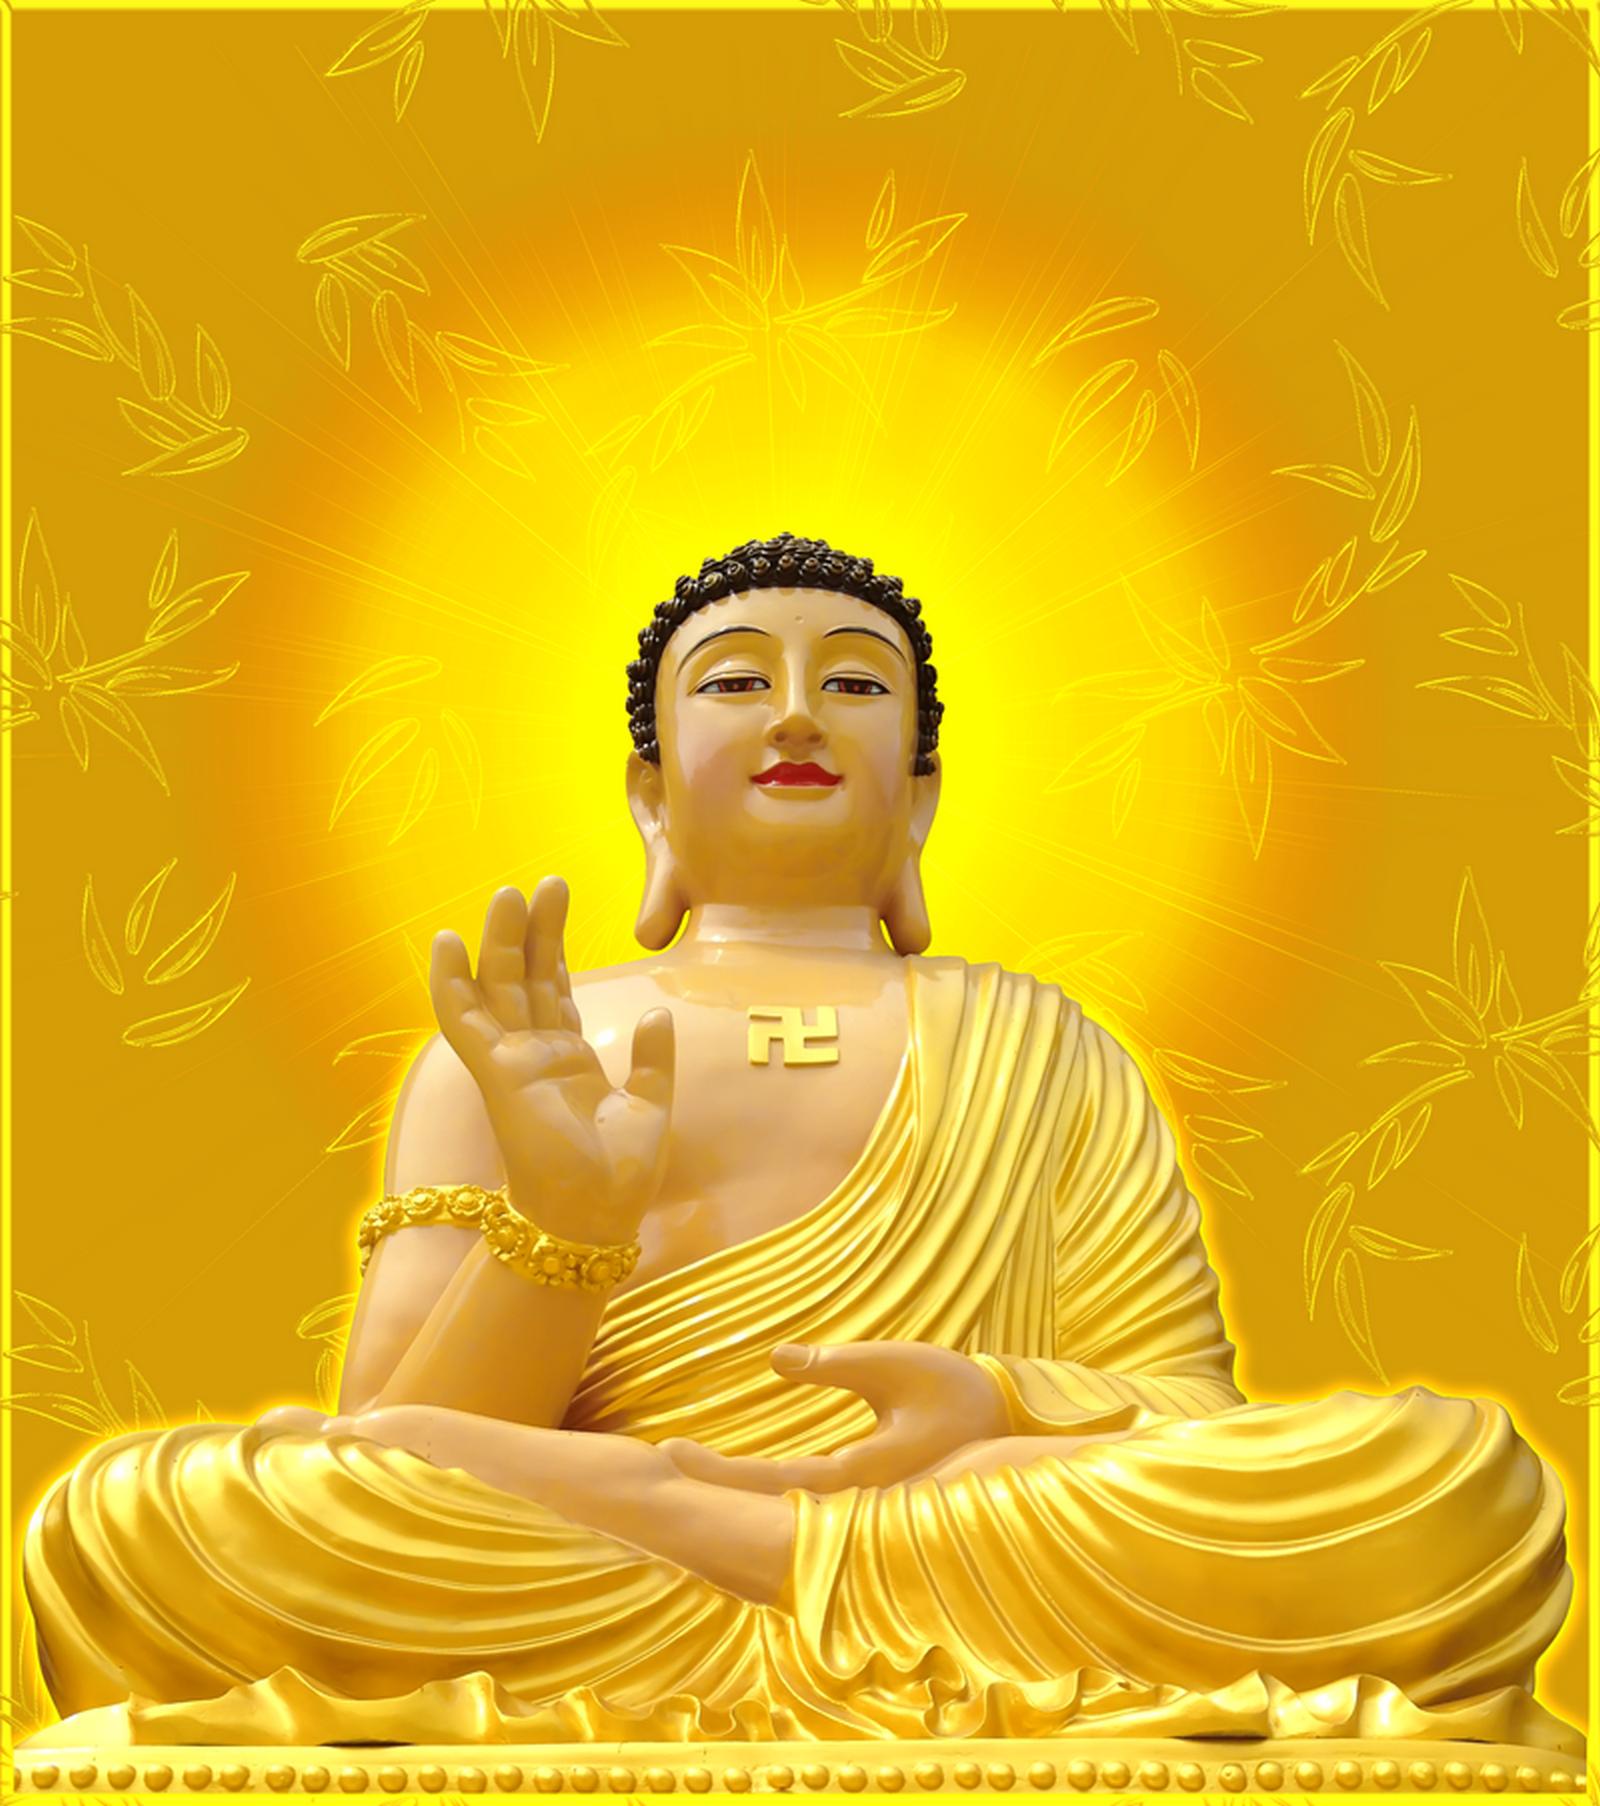 Đạo Phật - tôn giáo hướng thiện